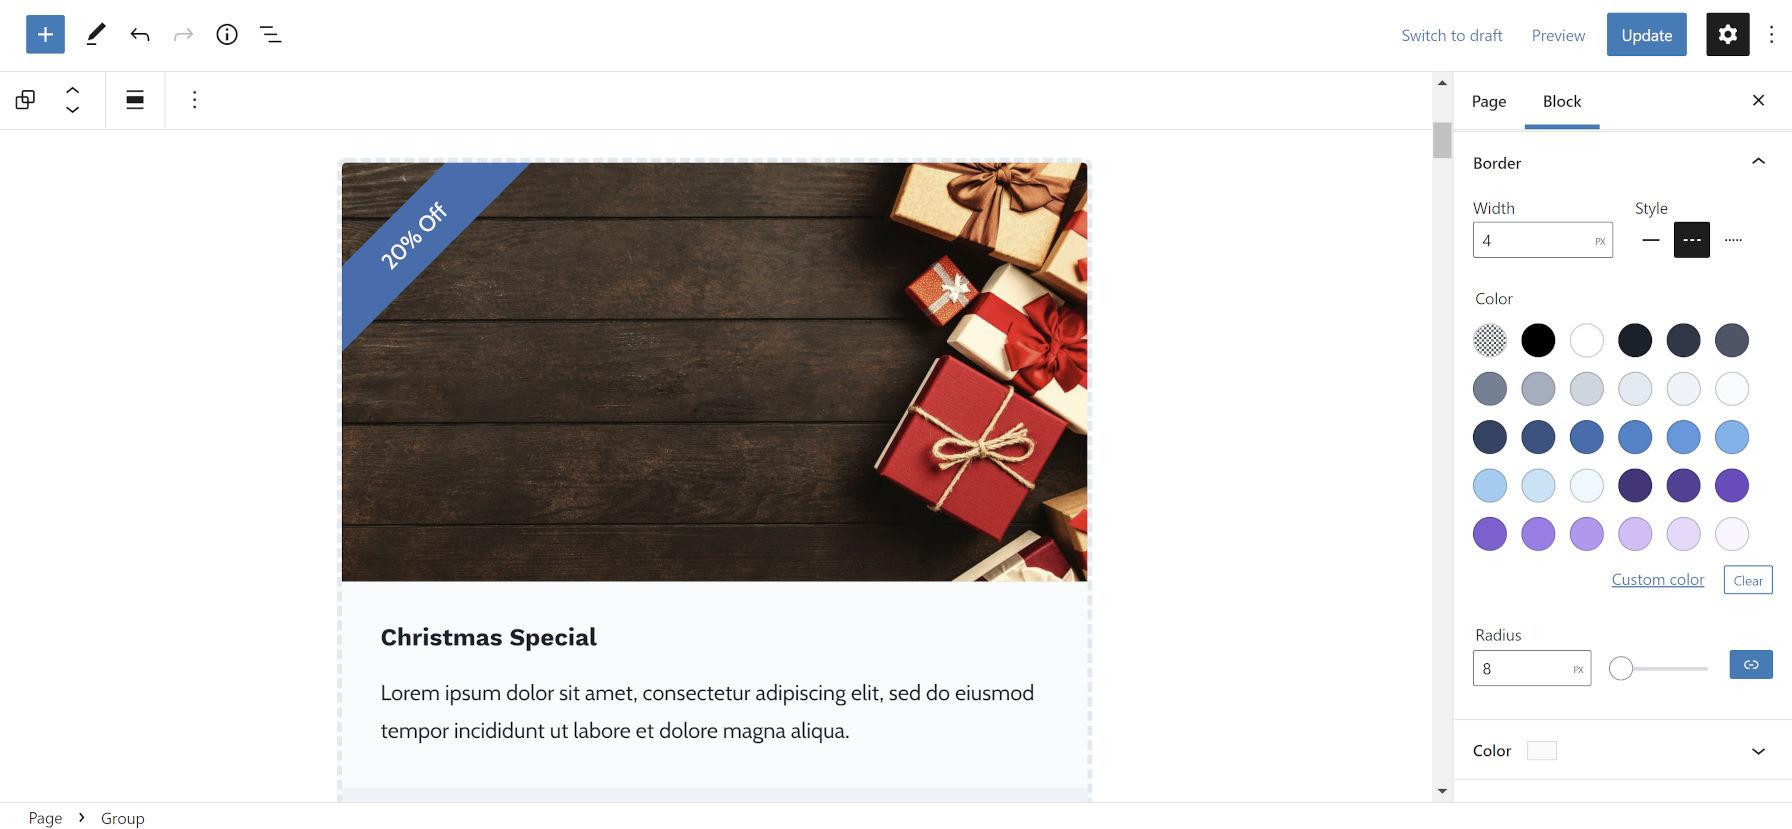 Définition de la largeur, du style, de la couleur et du rayon de la bordure d'un bloc Groupe dans l'éditeur.